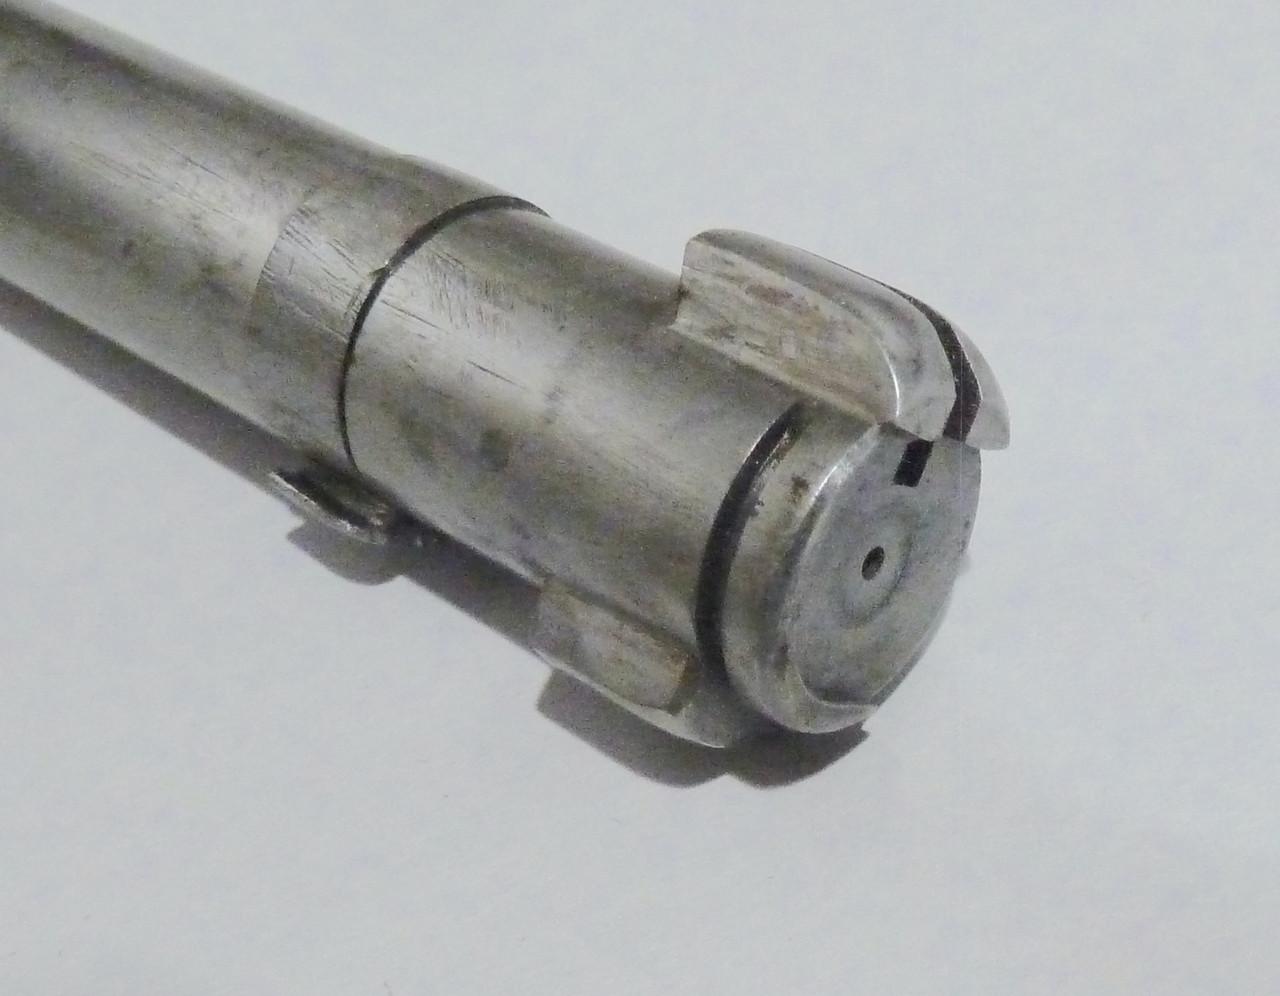 41: (Eddystone) P14 Bolt Body Mk.1